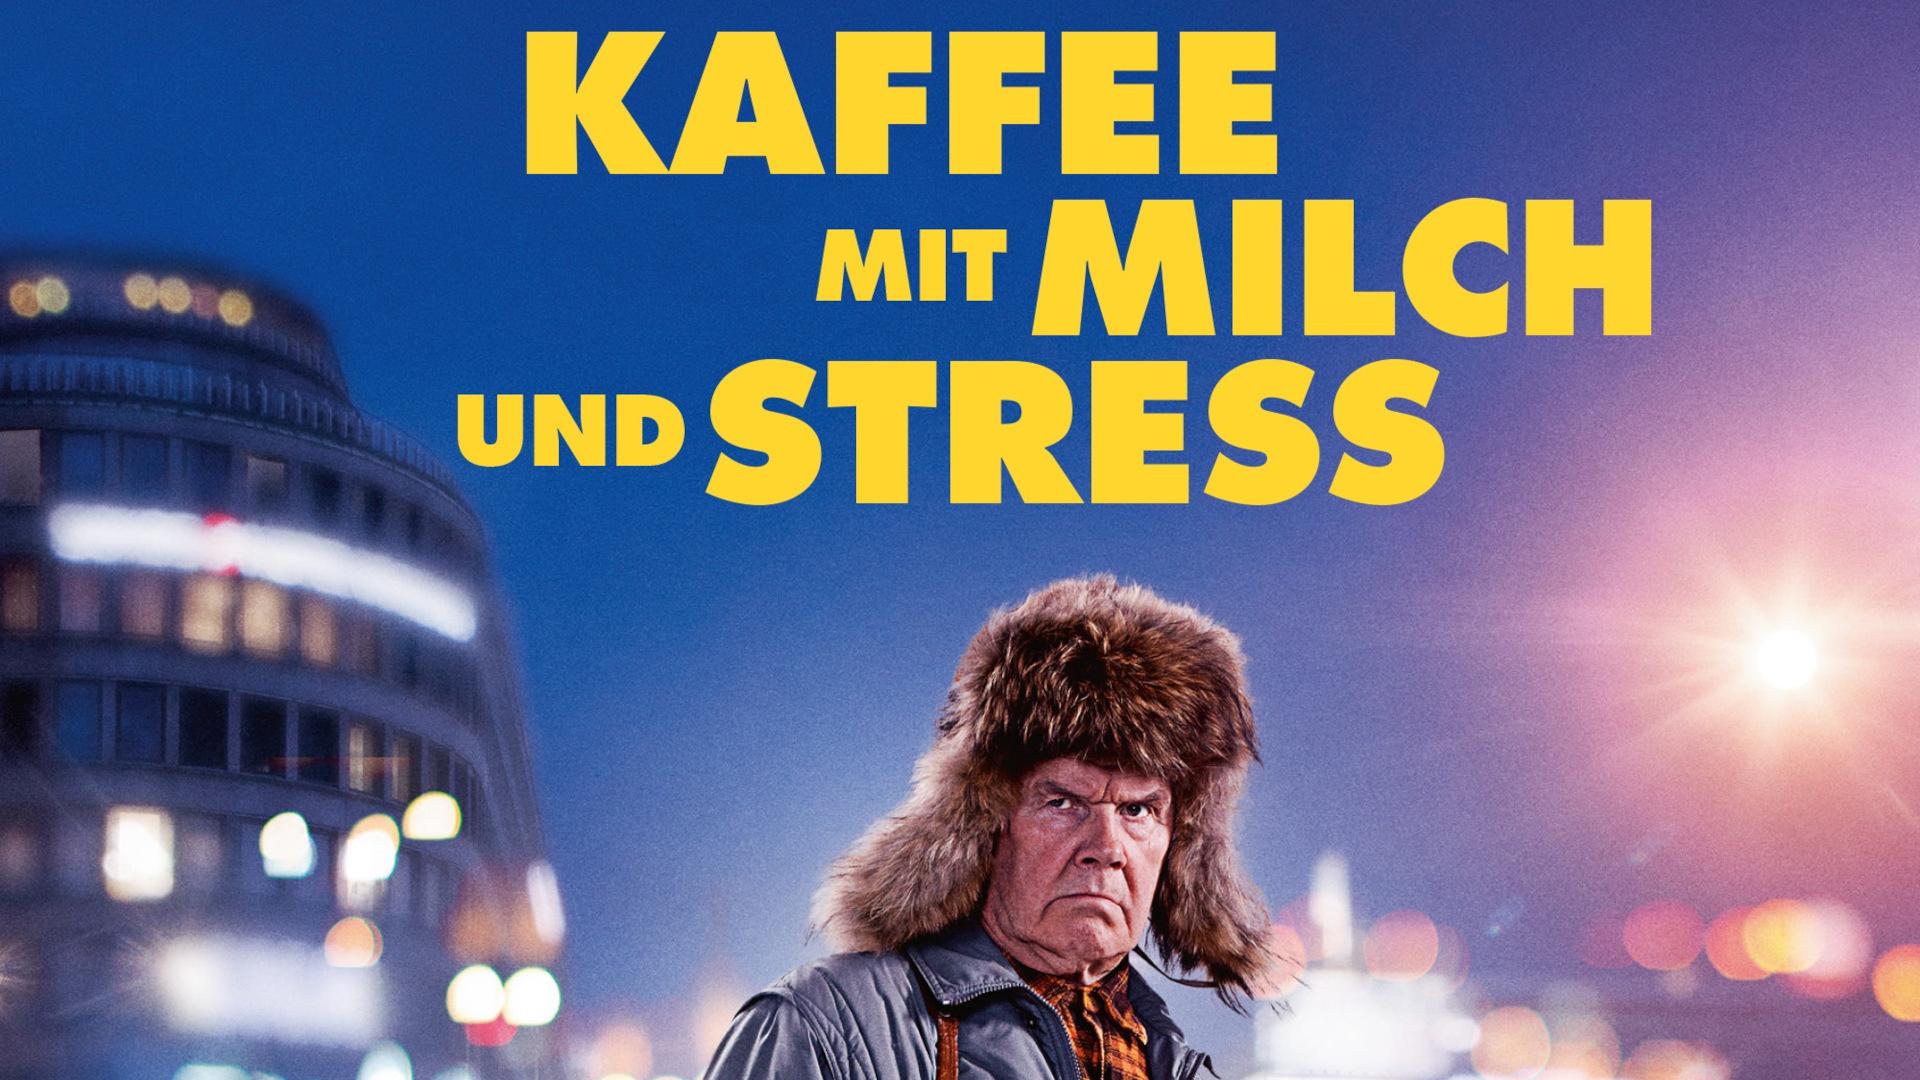 Kaffee mit Milch und Stress